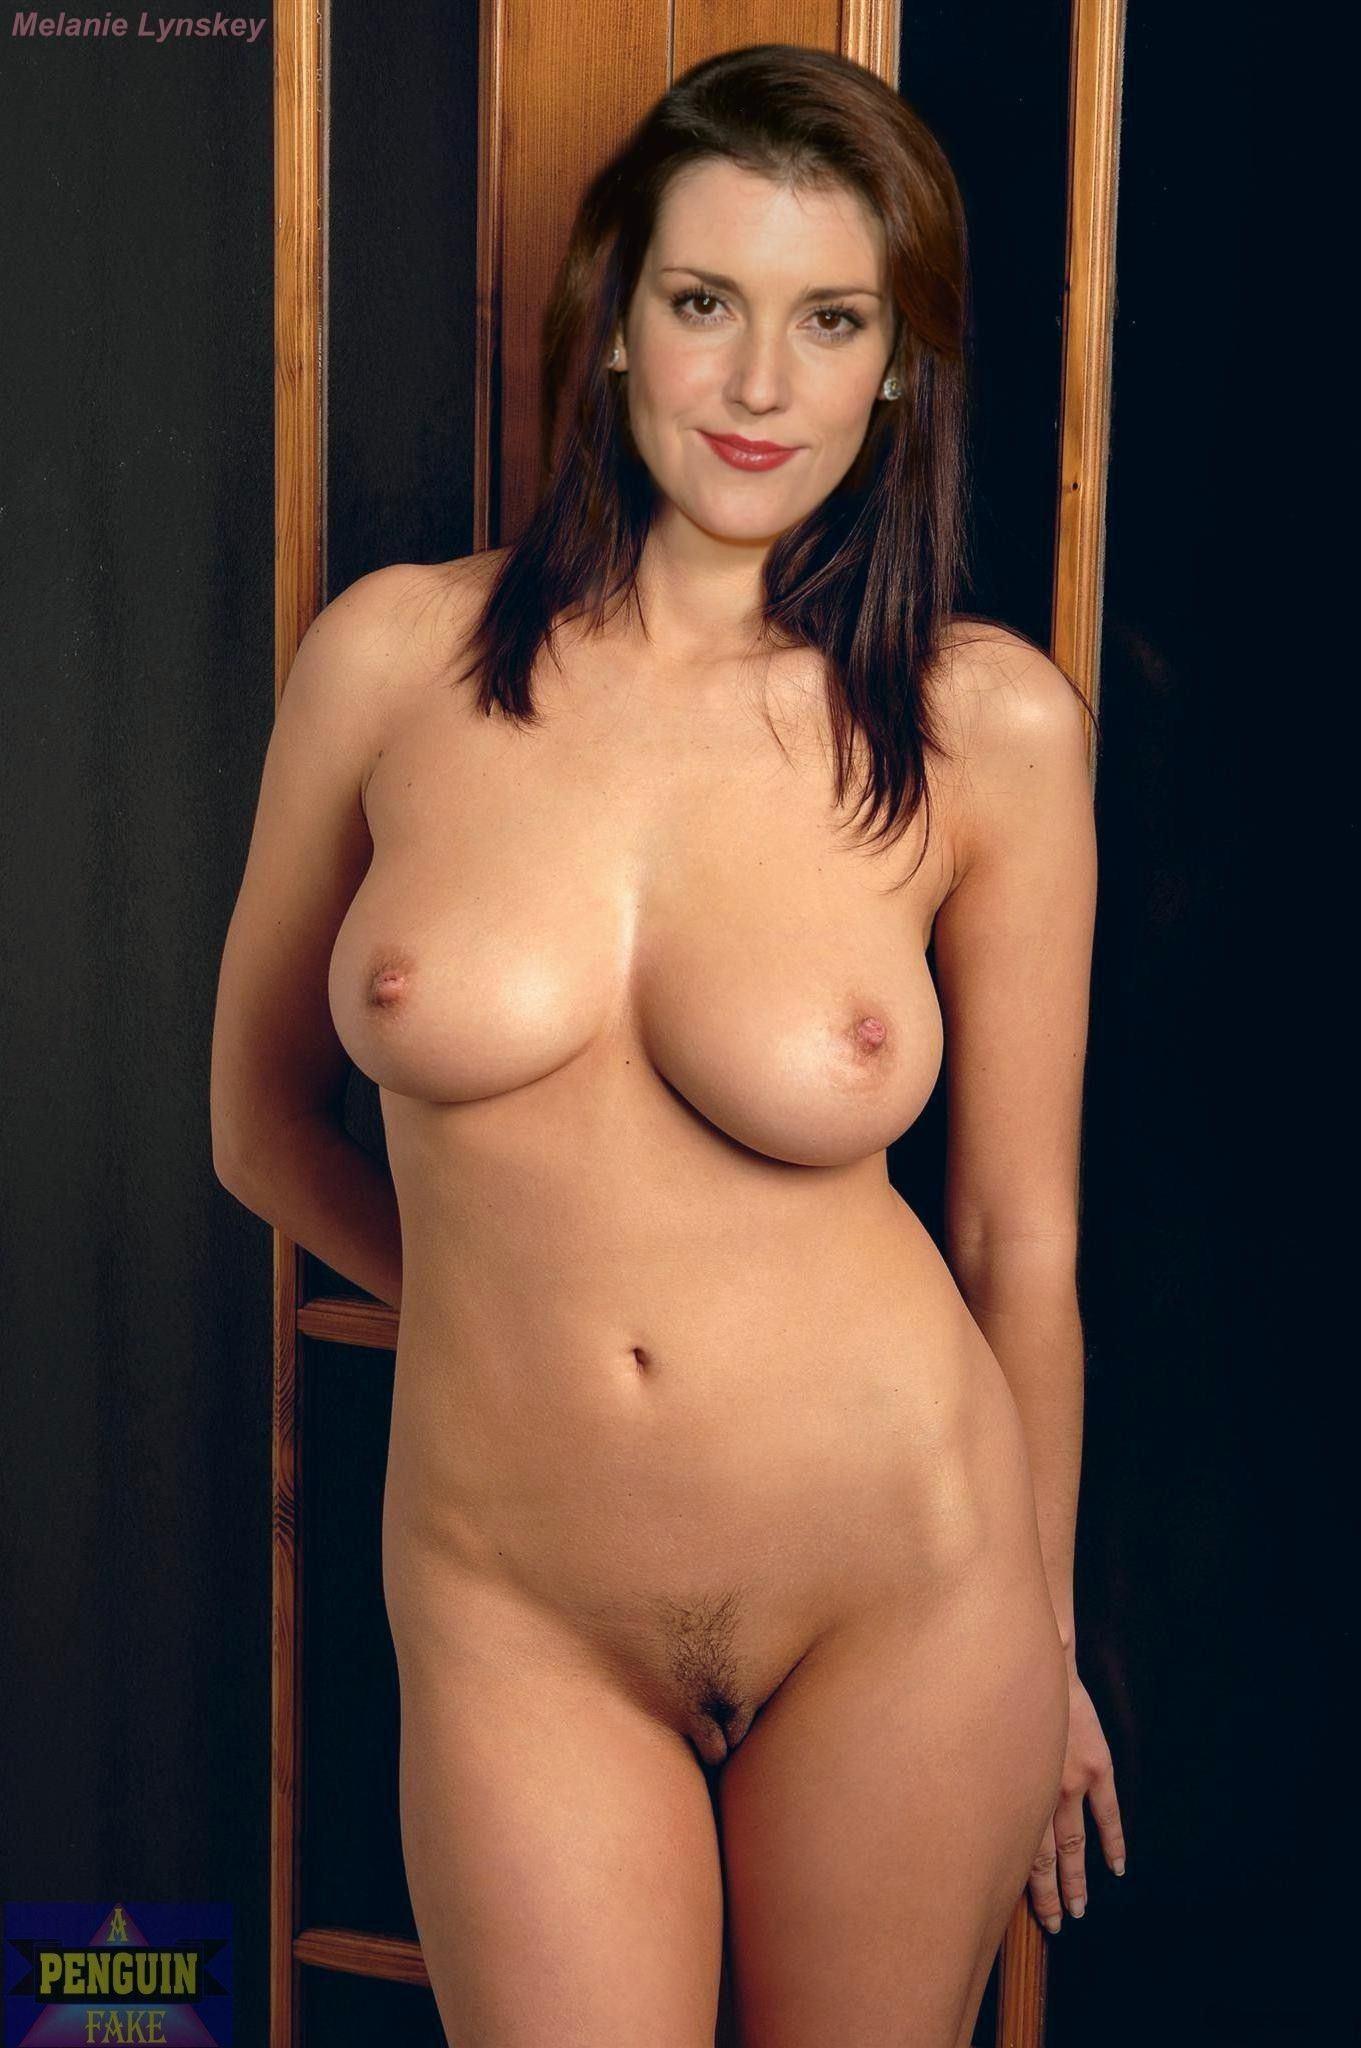 Melanie Lynskeynude photo 20